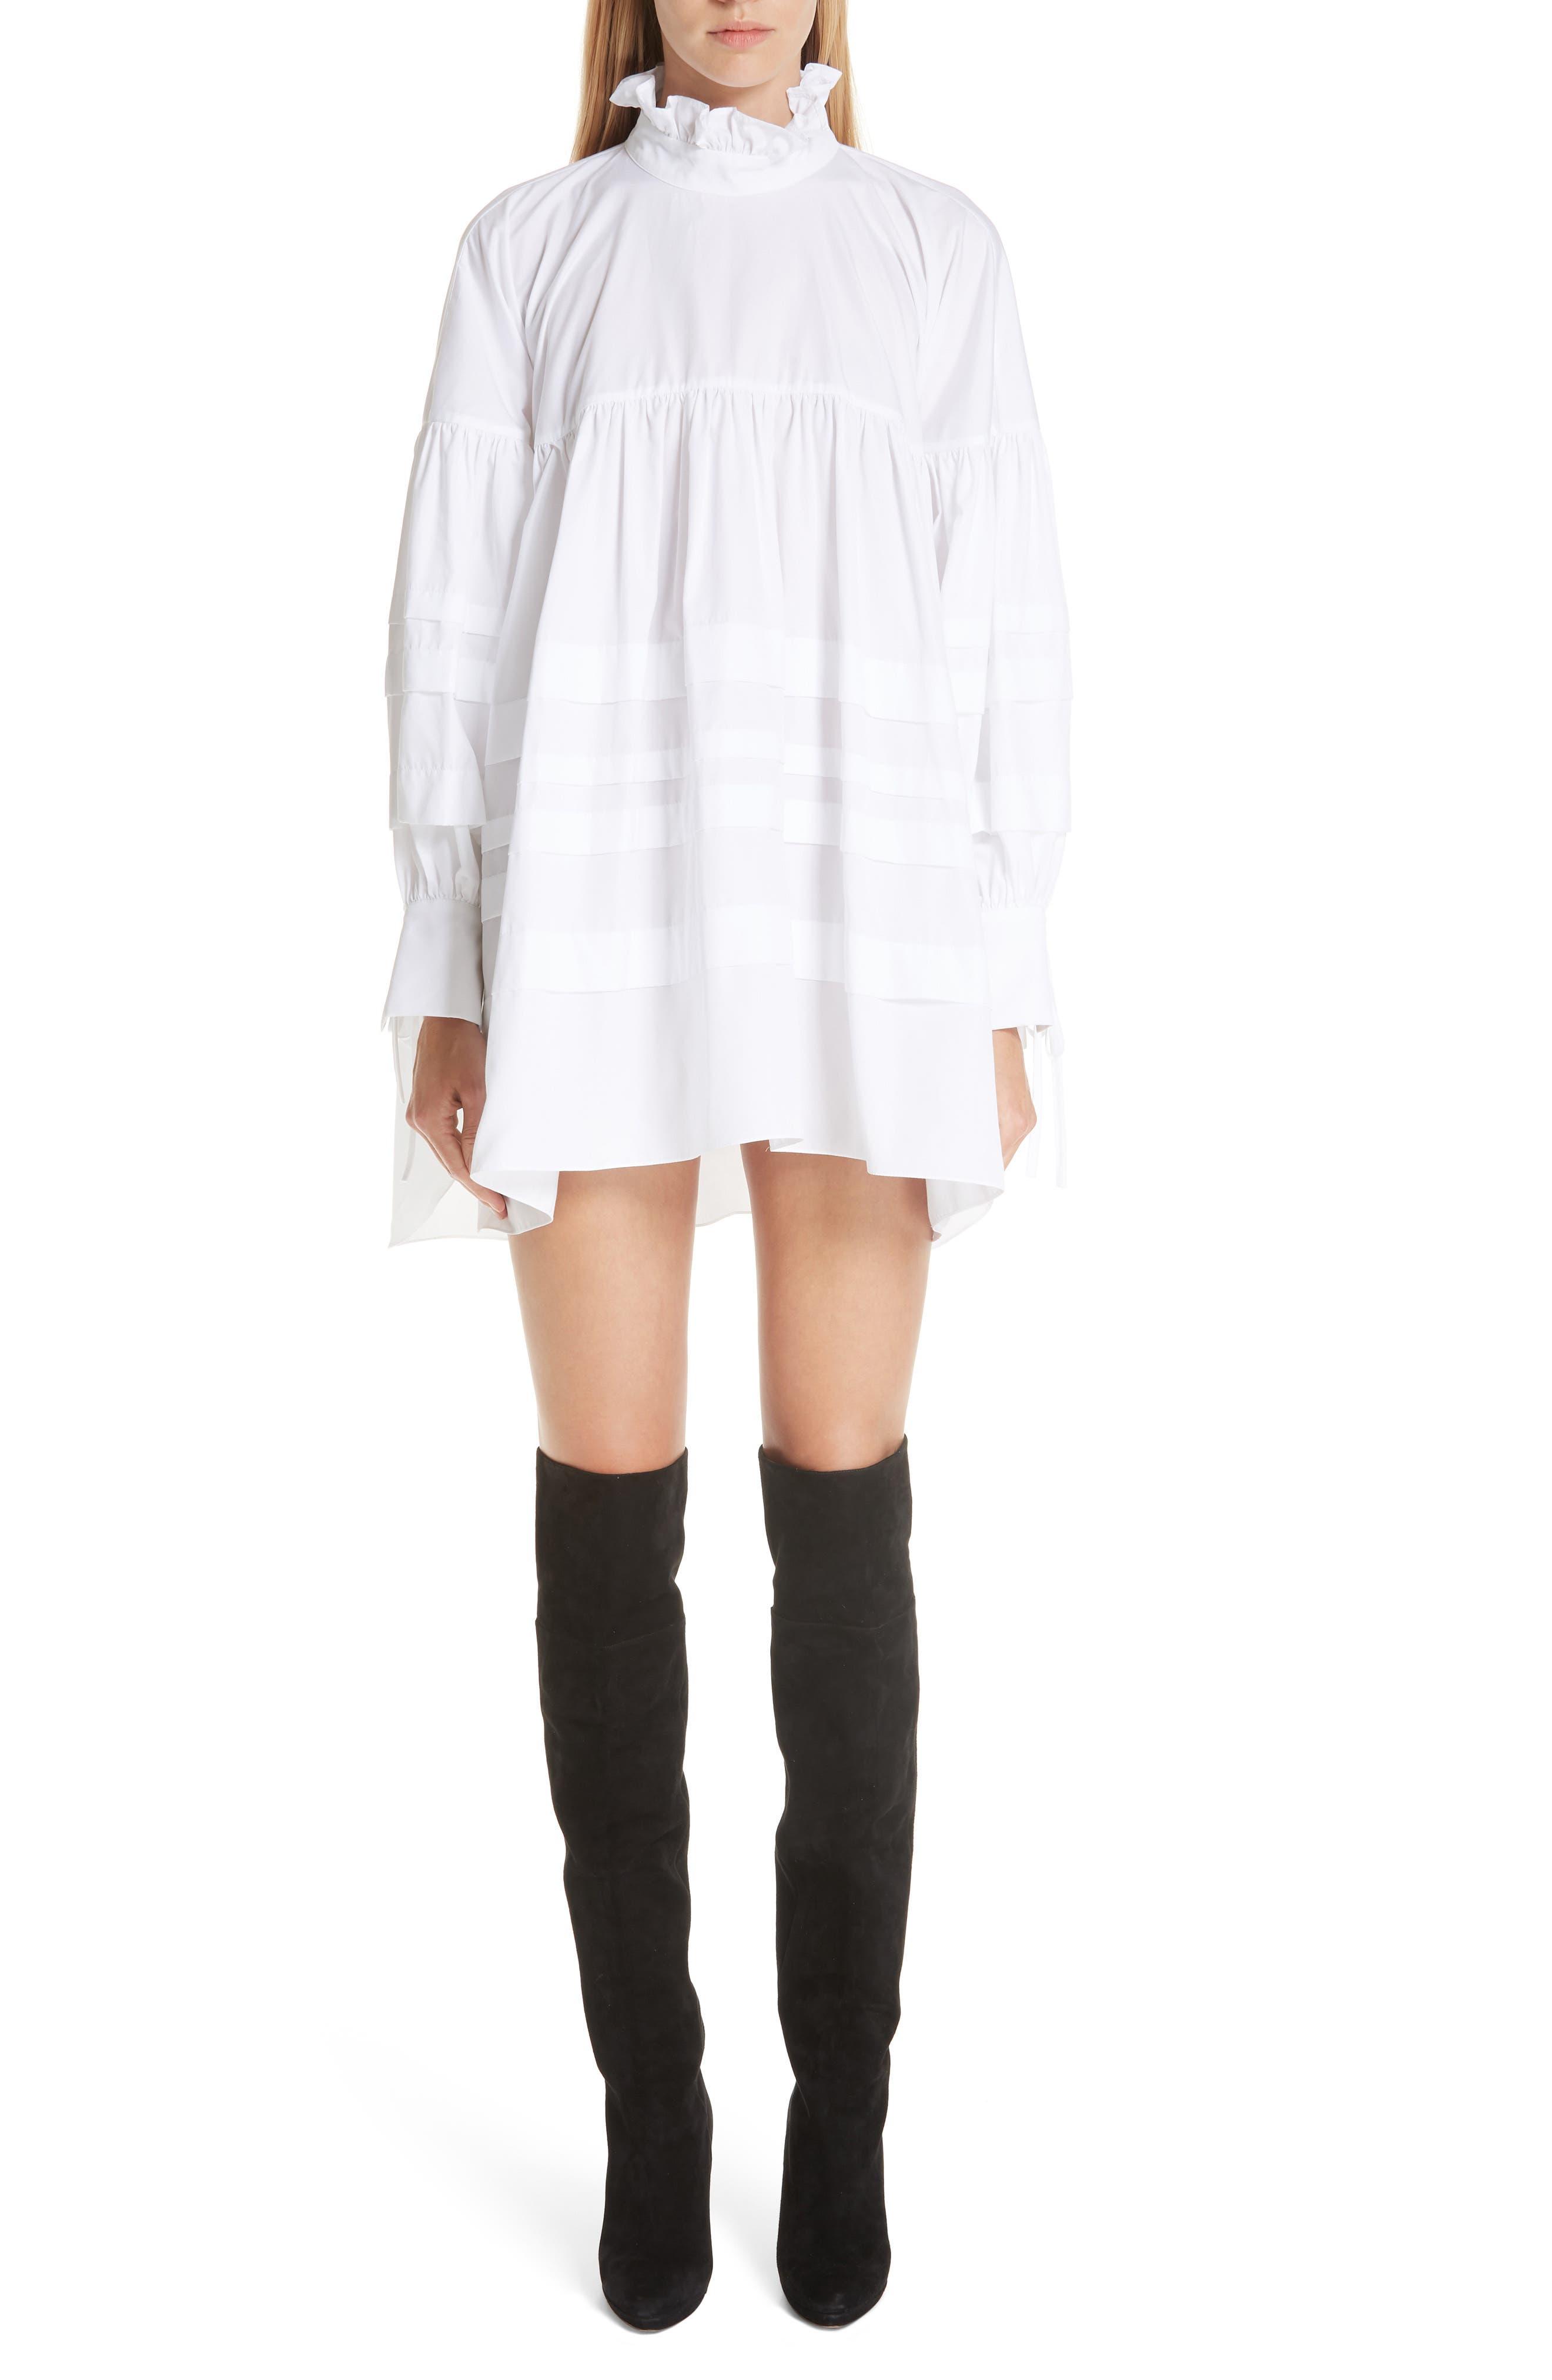 CECILIE BAHNSEN Alberte Dress in White